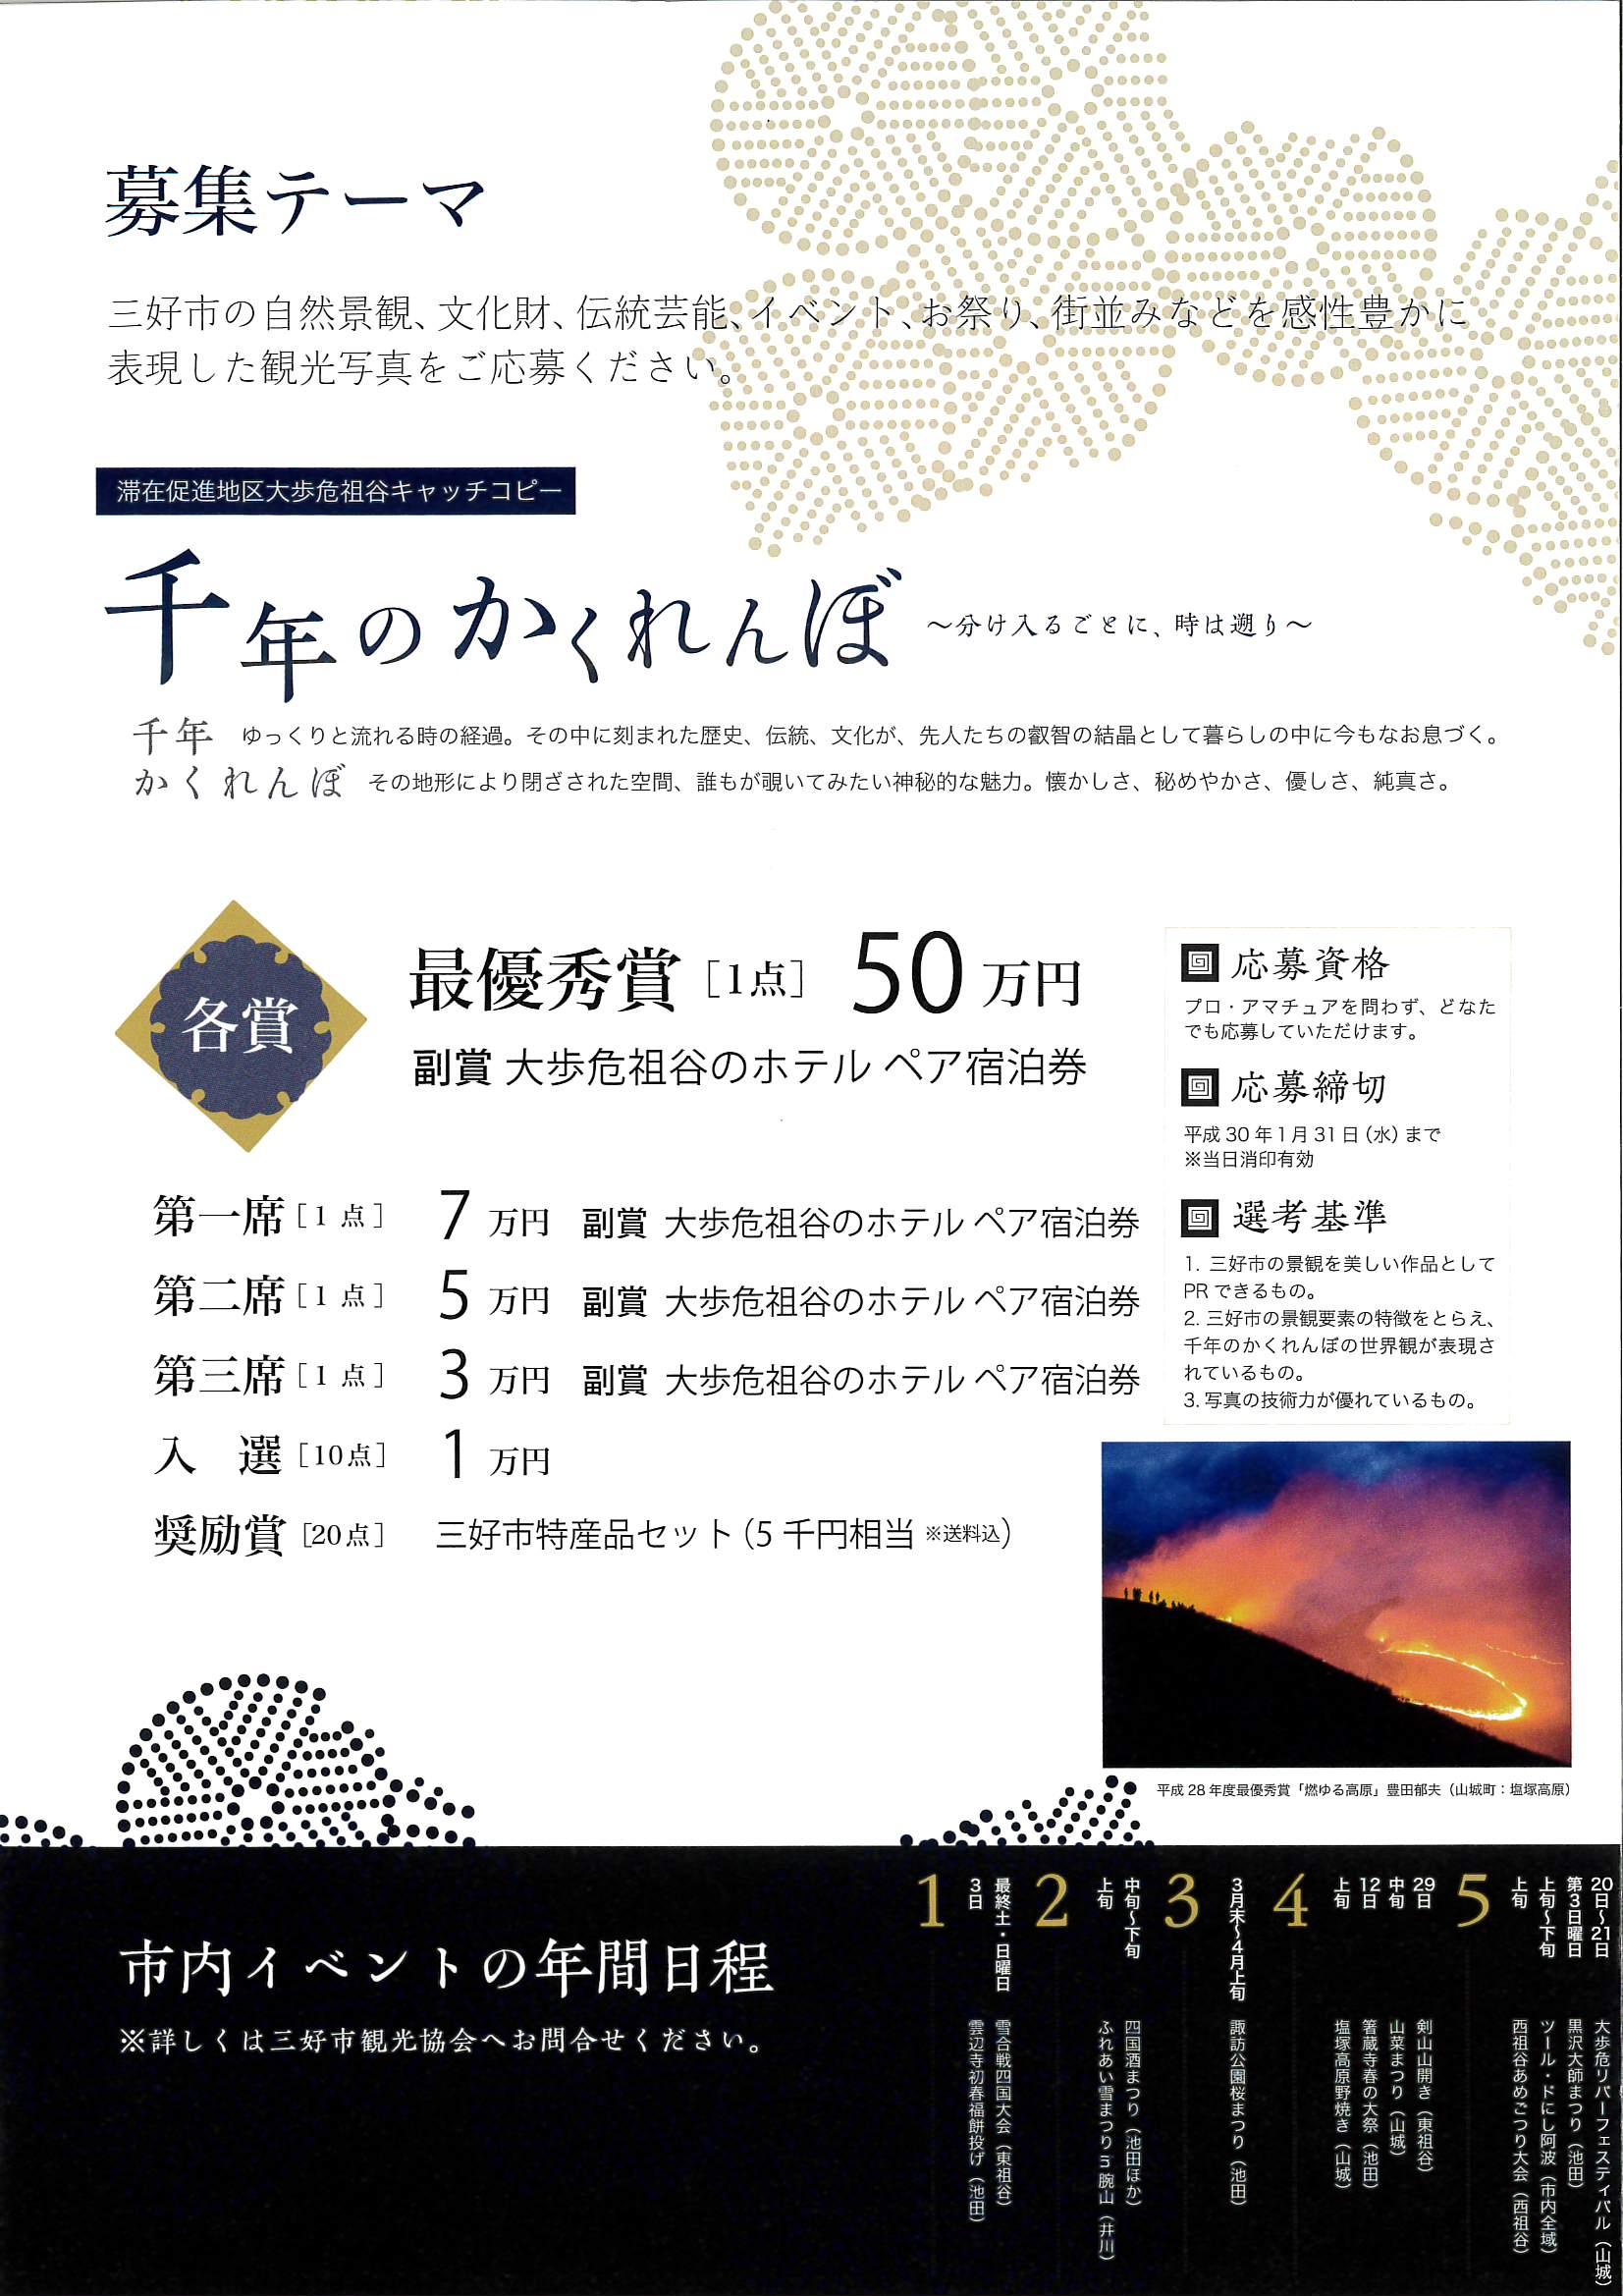 https://www.oboke-iya.jp/kawaraban/MX-3150FN_20171007_130918_0001.jpg